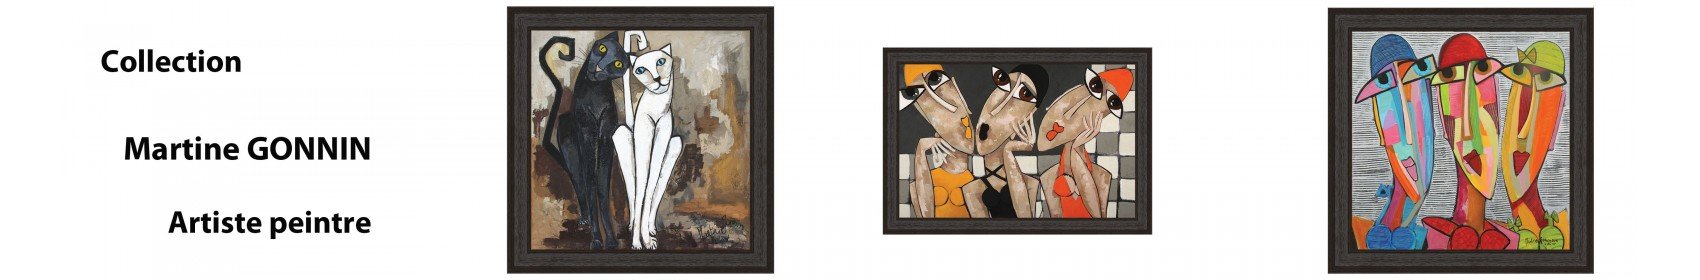 Tableau contemporain de peinture urbaine peint à la main